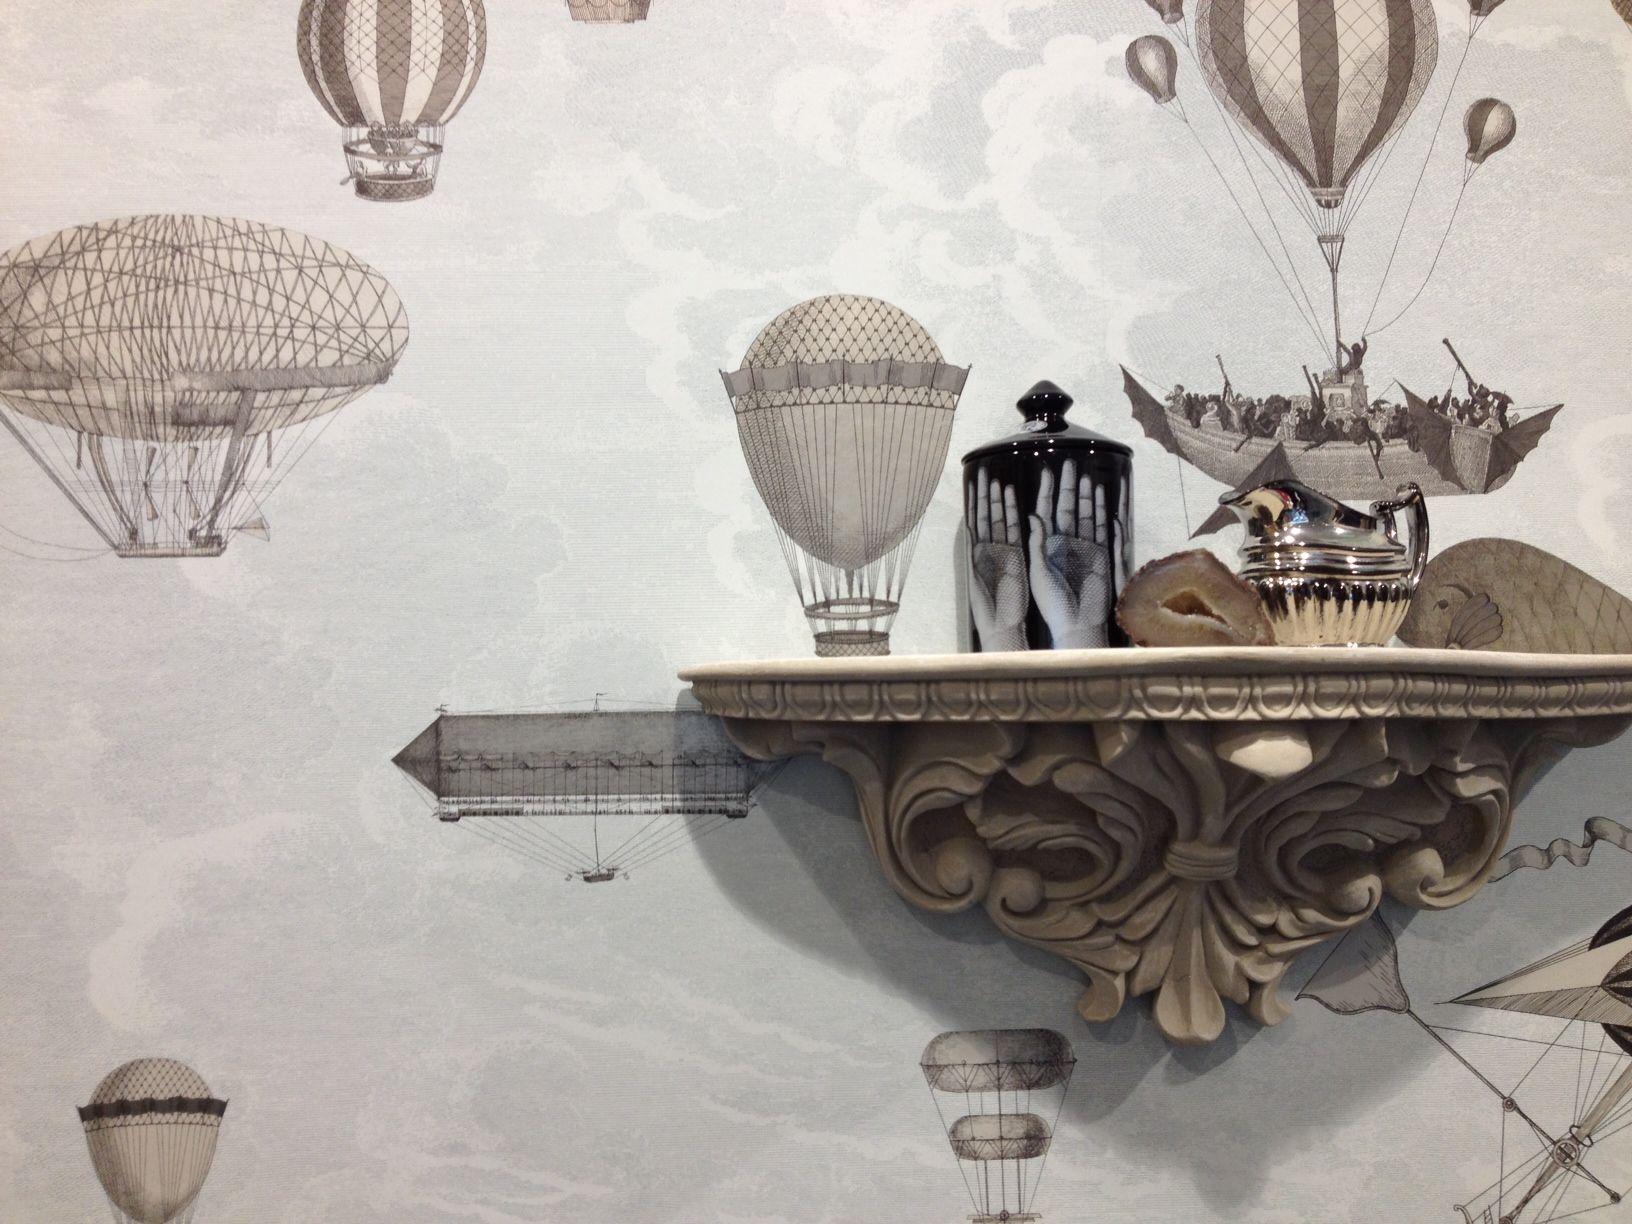 Fornasetti Ii Macchine Volanti In The Cole & Son Showroom